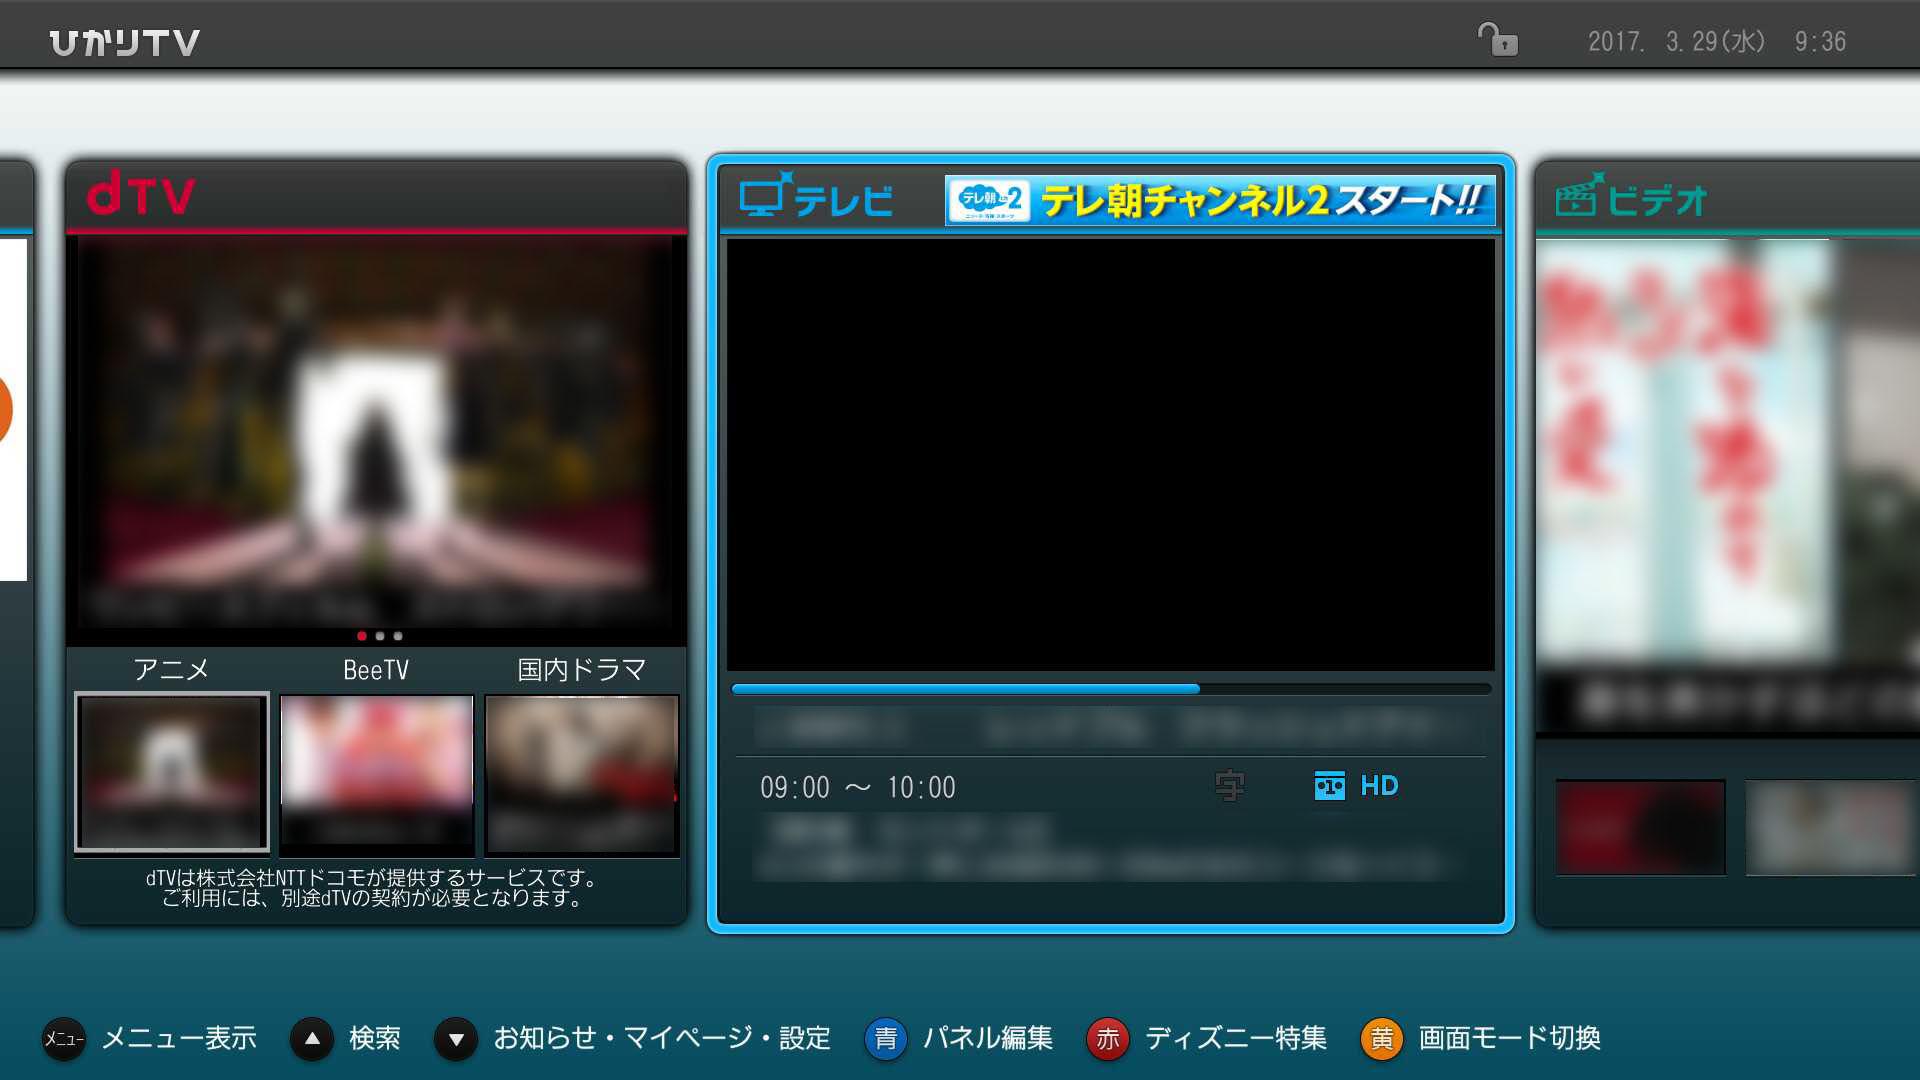 Tv マイ ひかり